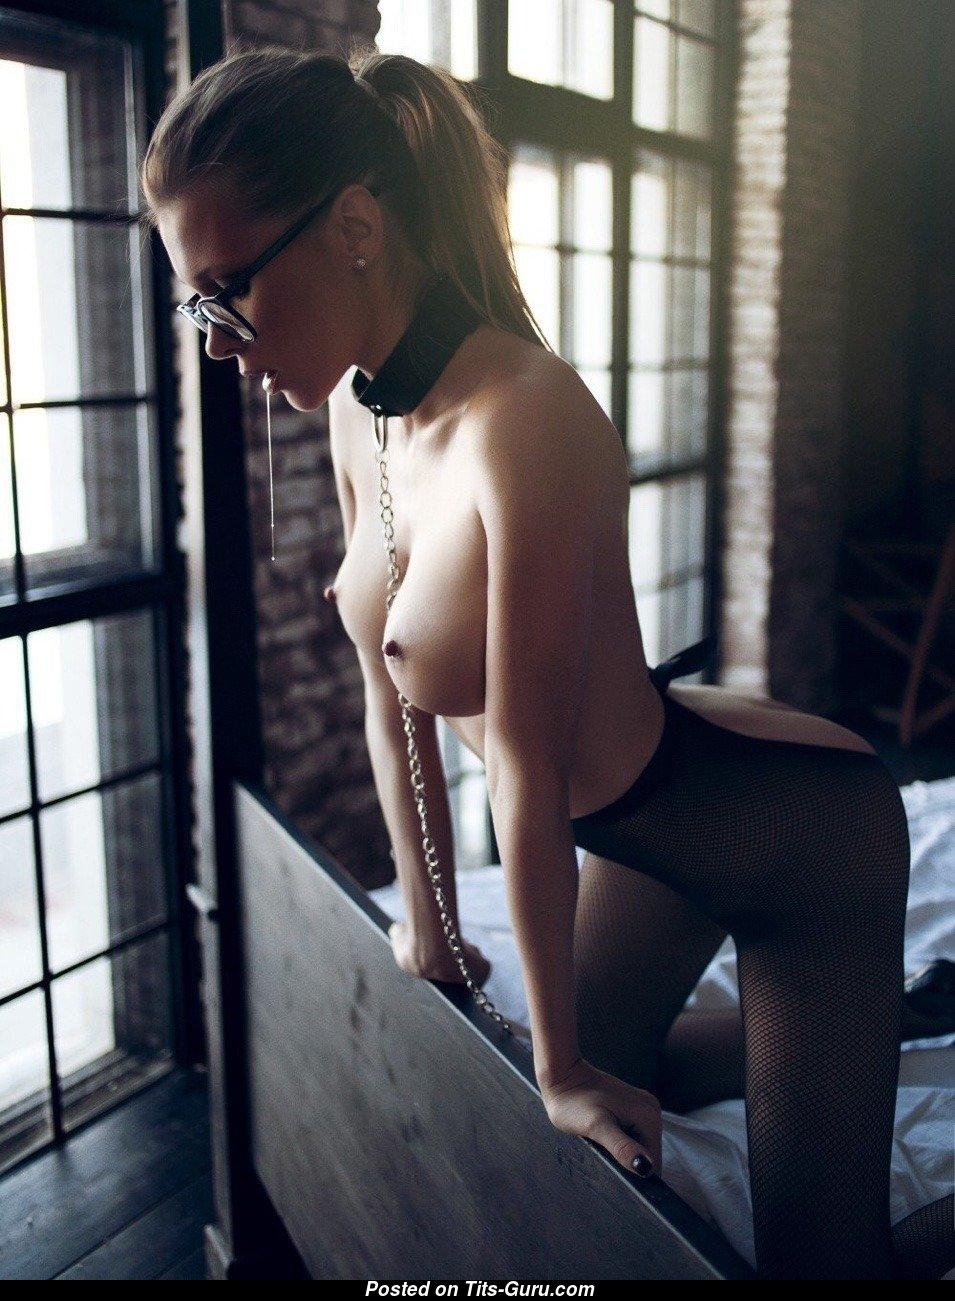 Polnova nackt Marina  Marina Polnova